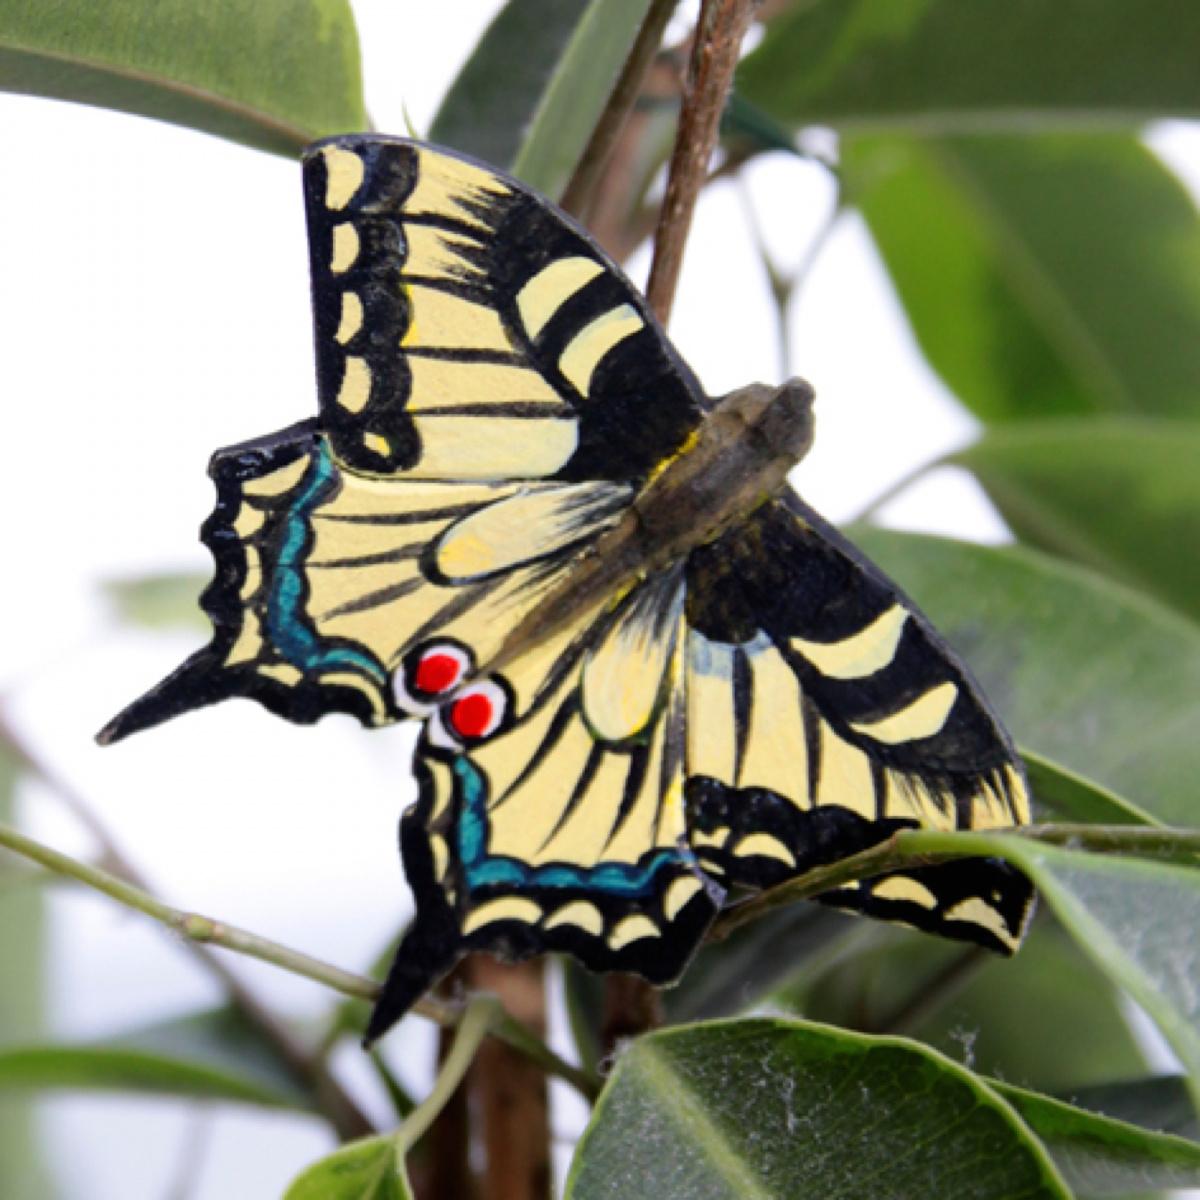 Wildlife Garden sommerfugl - svalehale